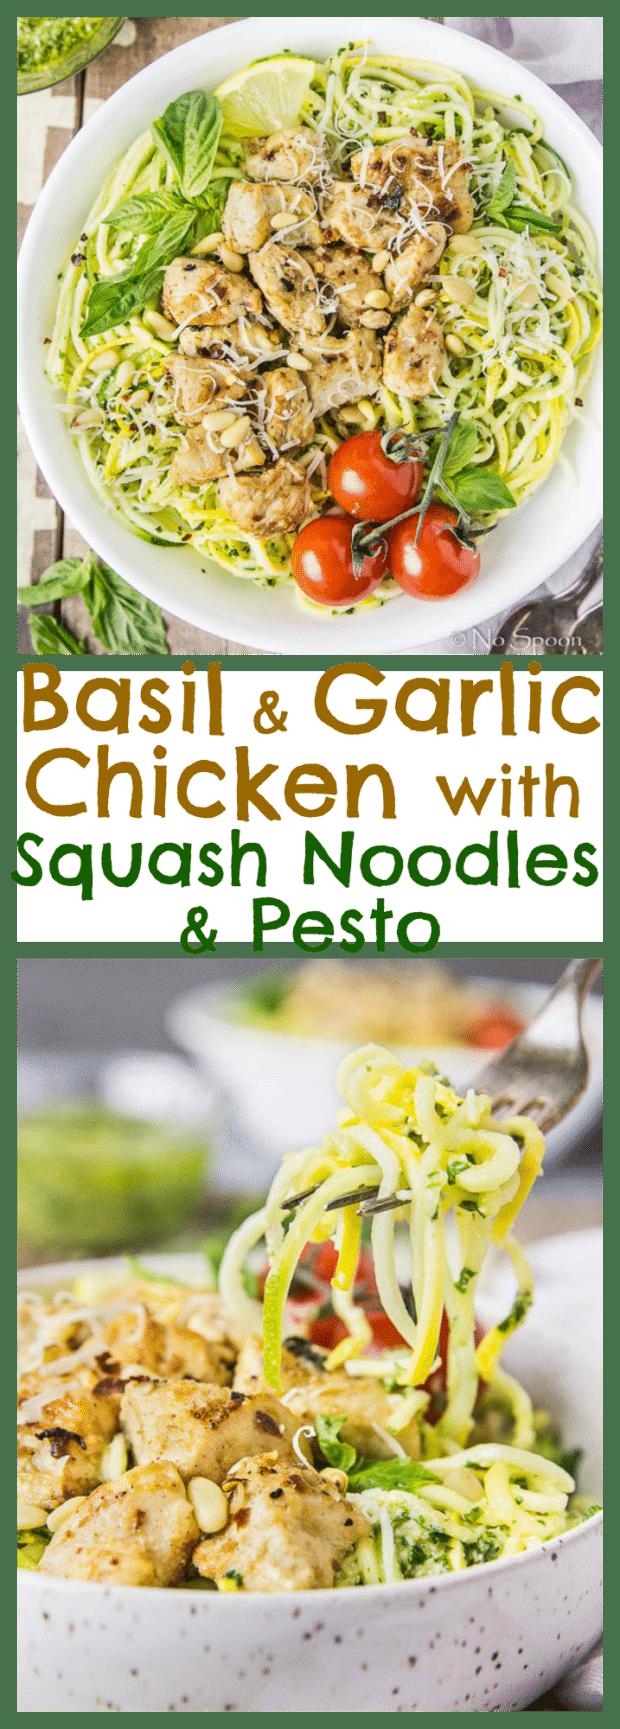 Garlic-Basil Chicken & Summer Squash Noodles with Pesto- long pin1